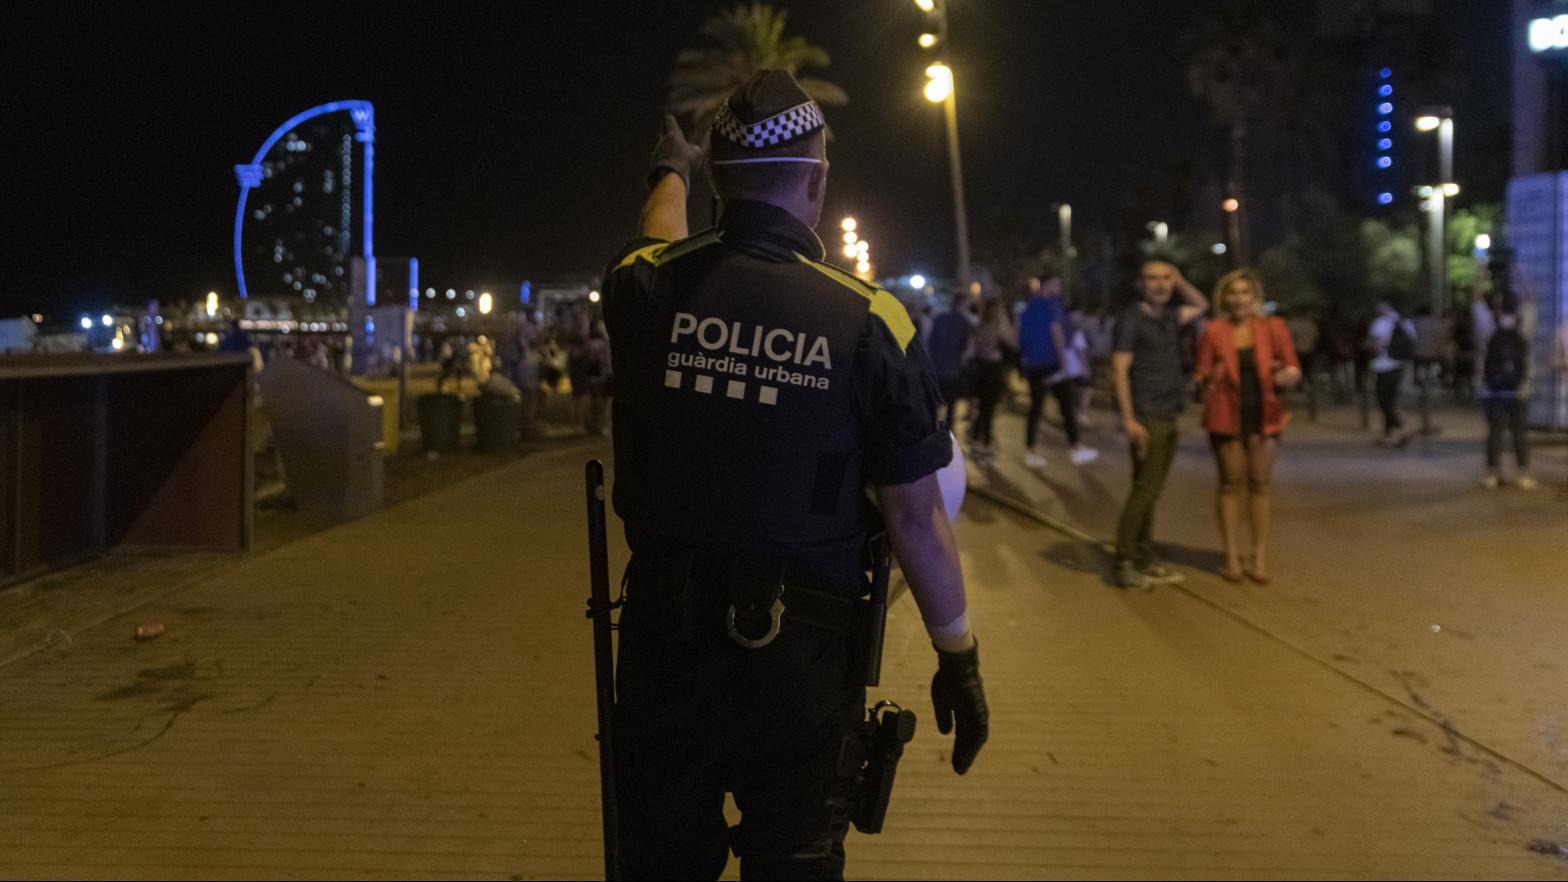 El TSJ de Cataluña avala prorrogar el toque de queda una semana más en 165 municipios